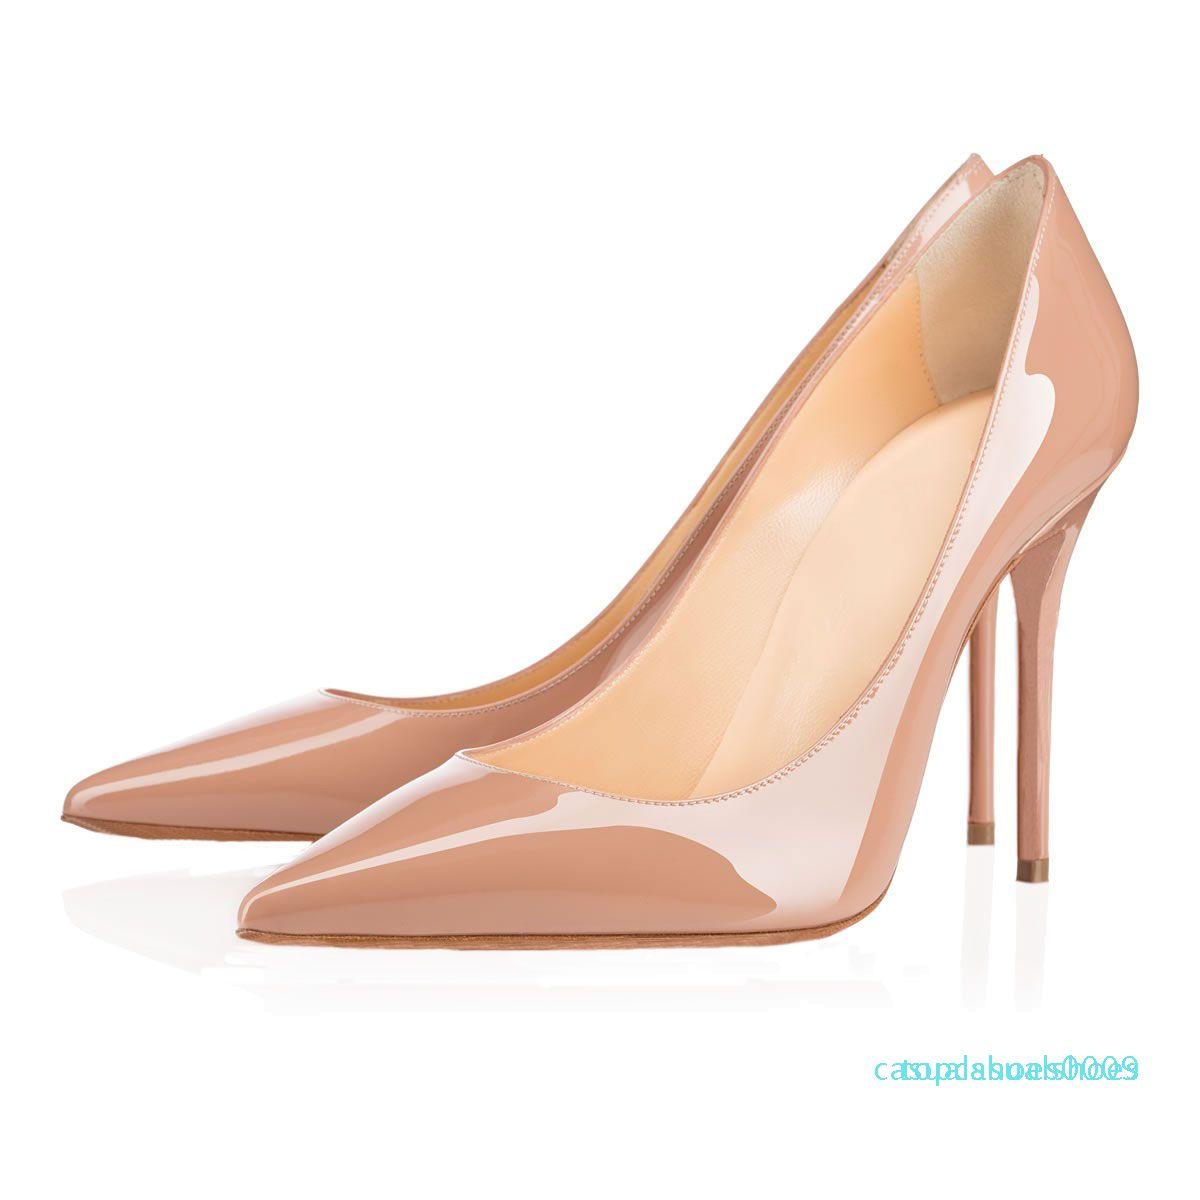 Poined Toe all'ingrosso pelle verniciata delle donne di pecora nero nudo Donne Pumps, Moda inferiori rosse scarpe dei tacchi alti per le donne in alto di nozze